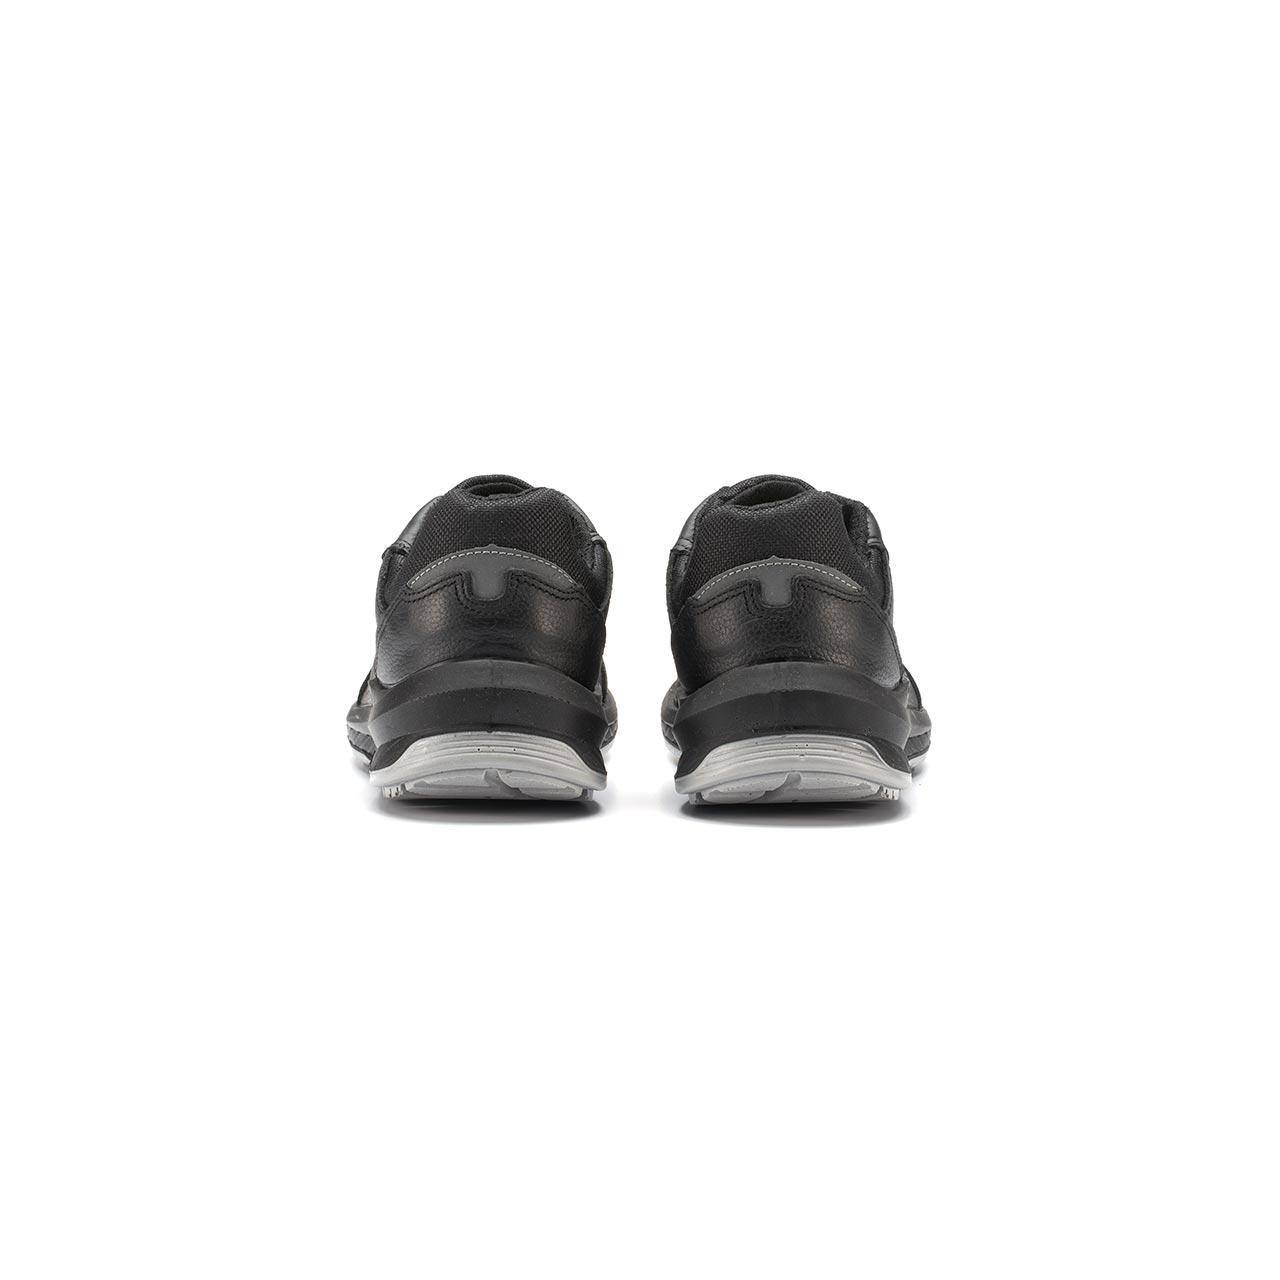 paio di scarpe antinfortunistiche upower modello nero linea redindustry vista retro